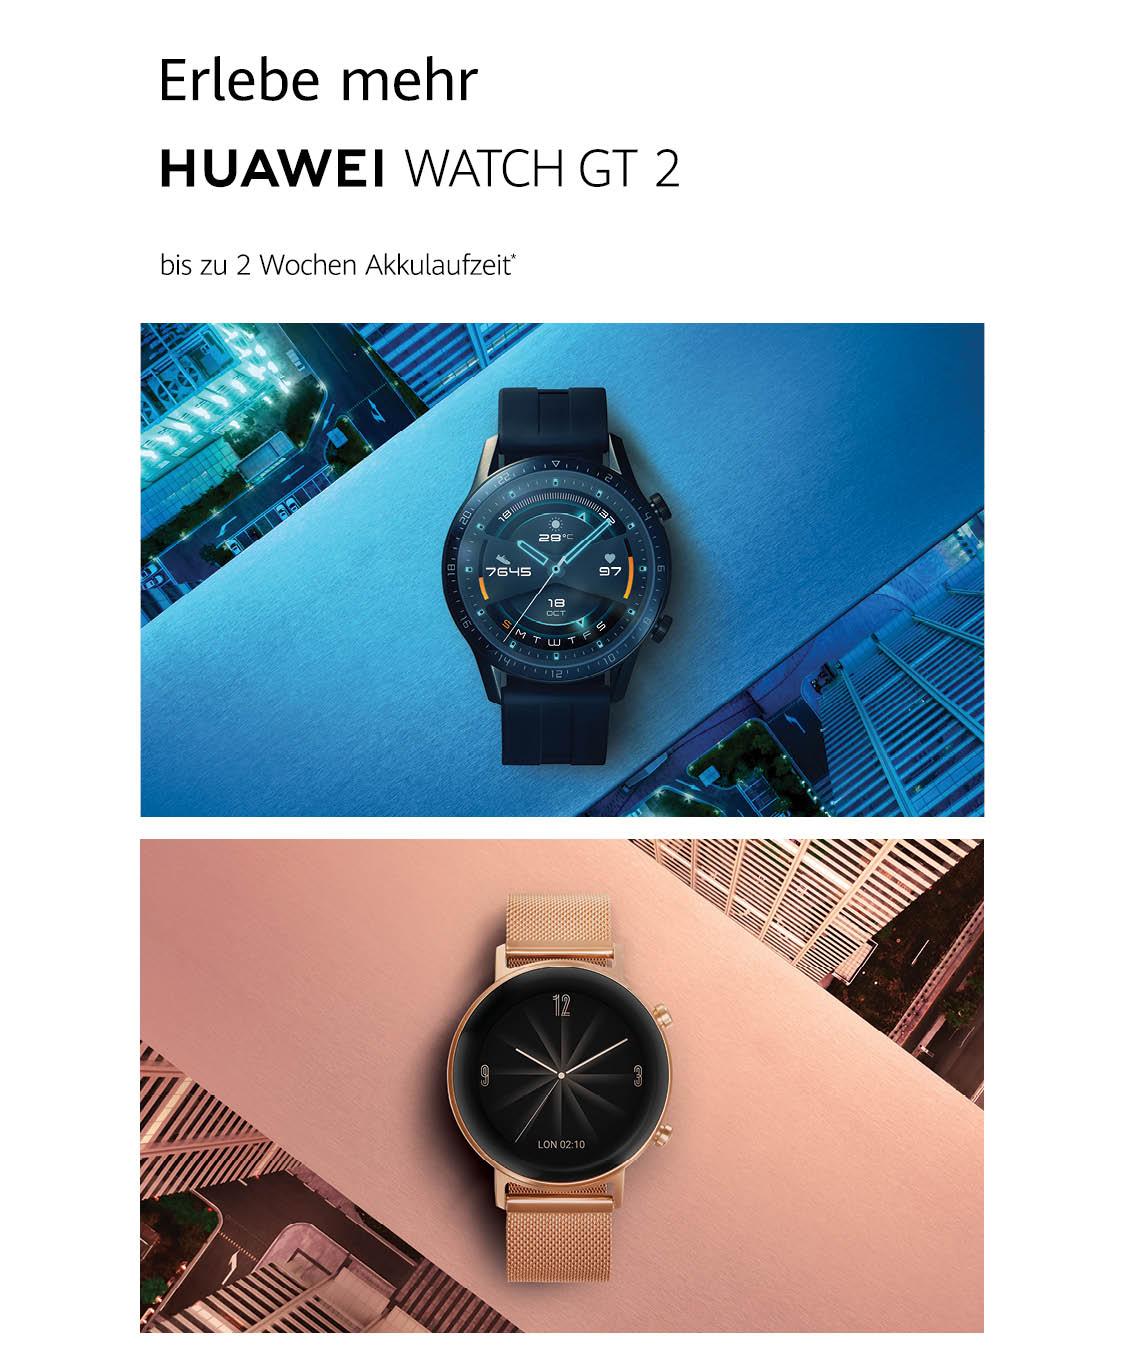 Huawei watch gt 2 kaufen